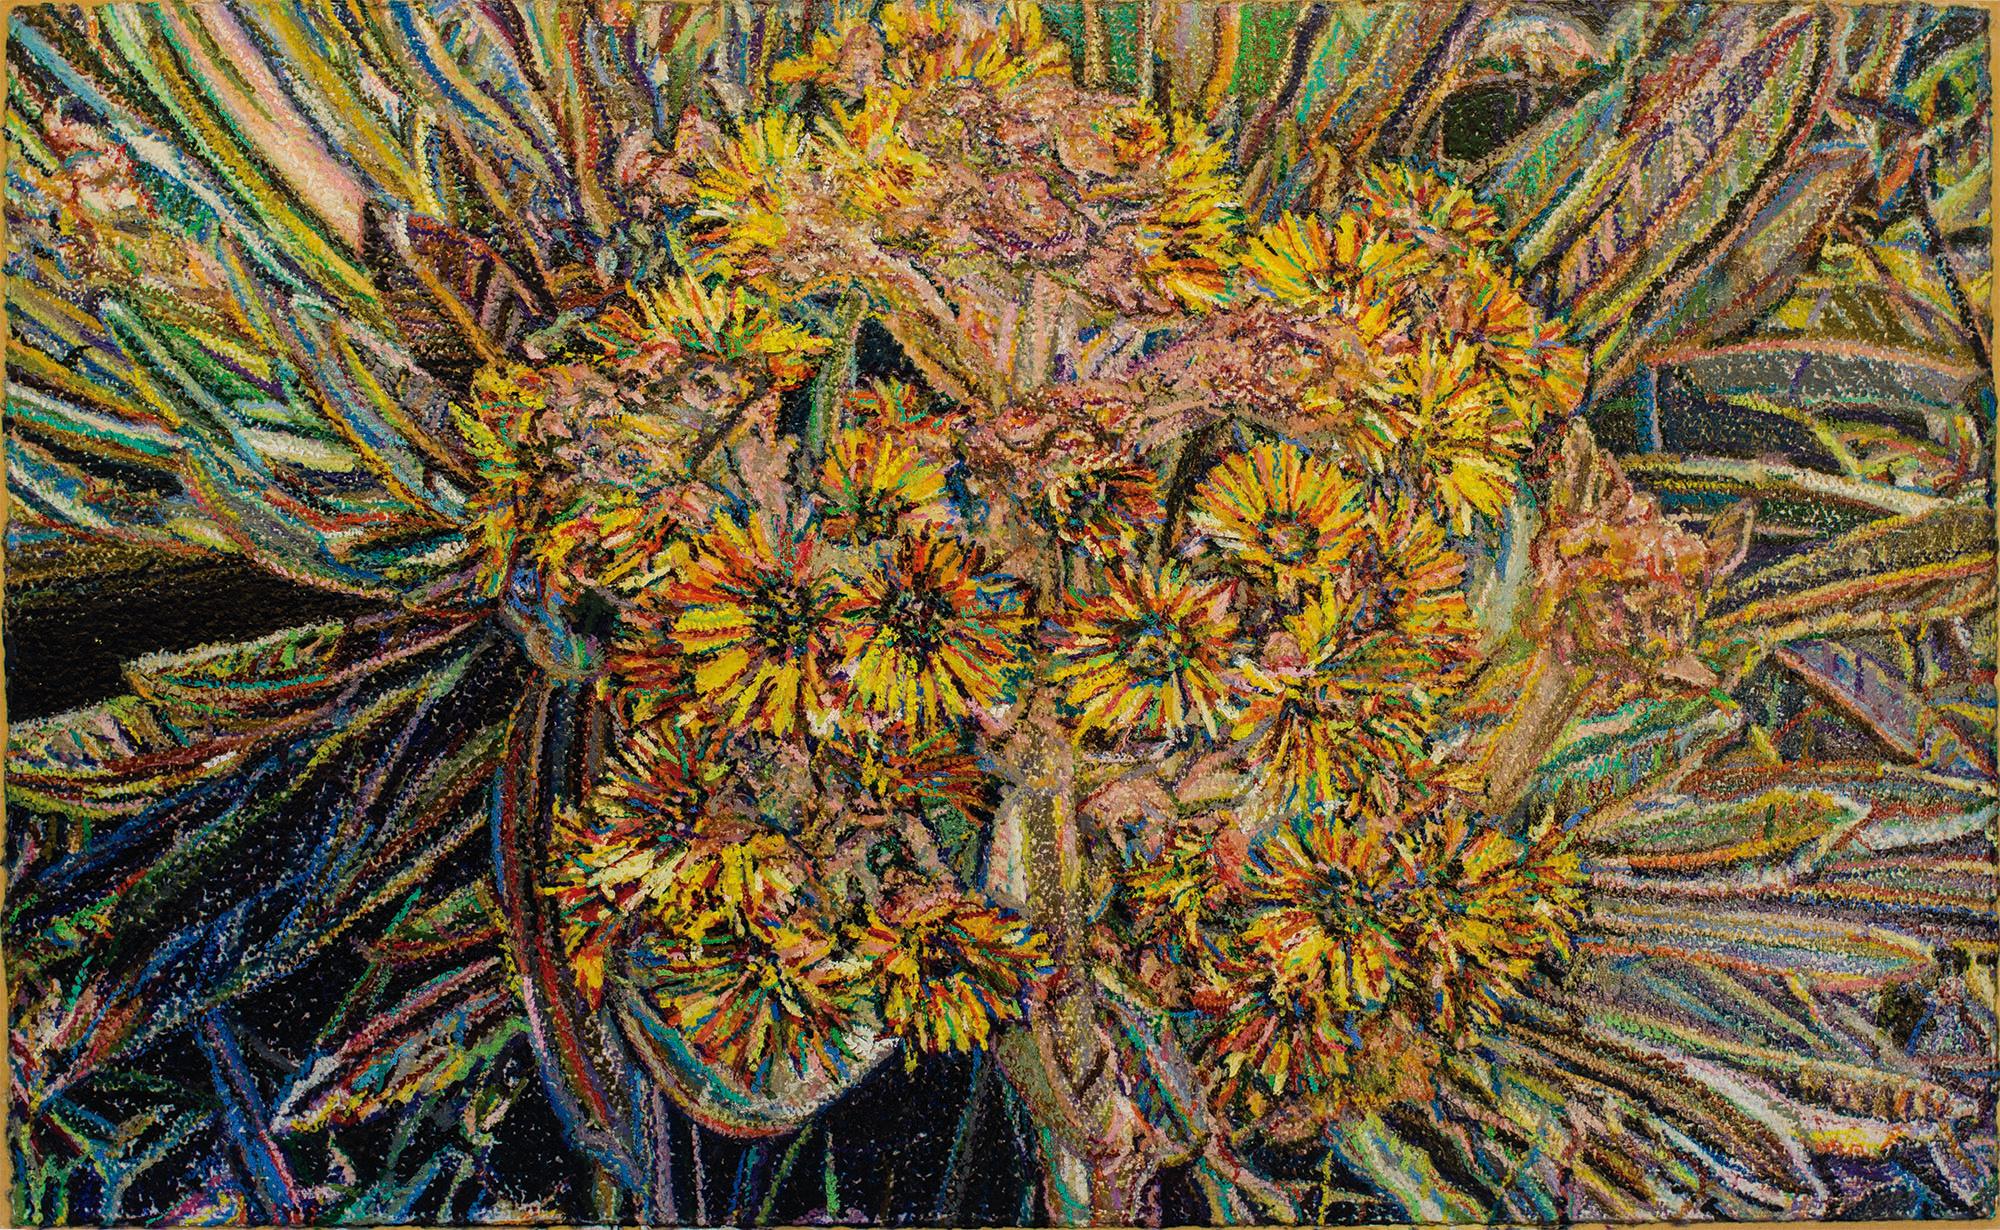 Frailéjon en flor #5